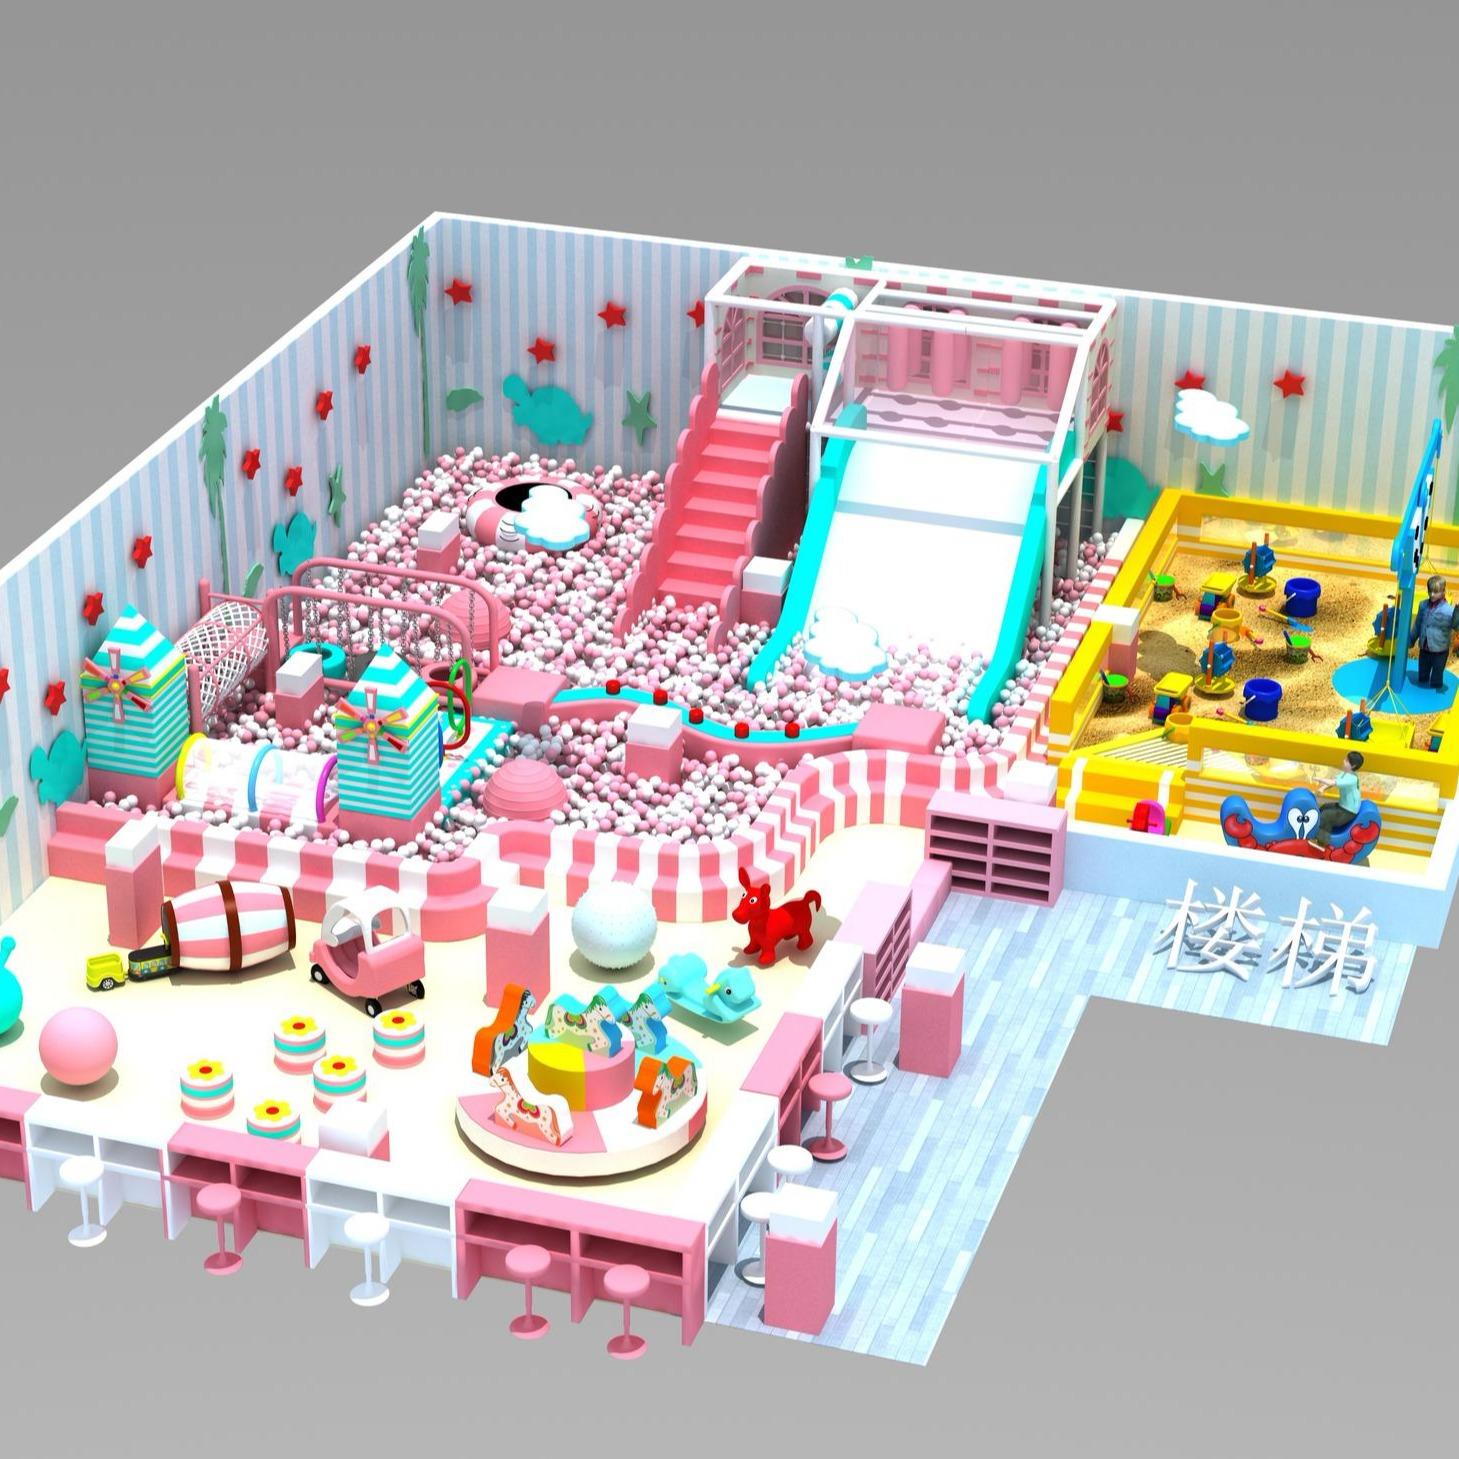 廠家直銷    百萬海洋球池兒童樂園     淘氣堡    波波球池兒童室內闖關設備